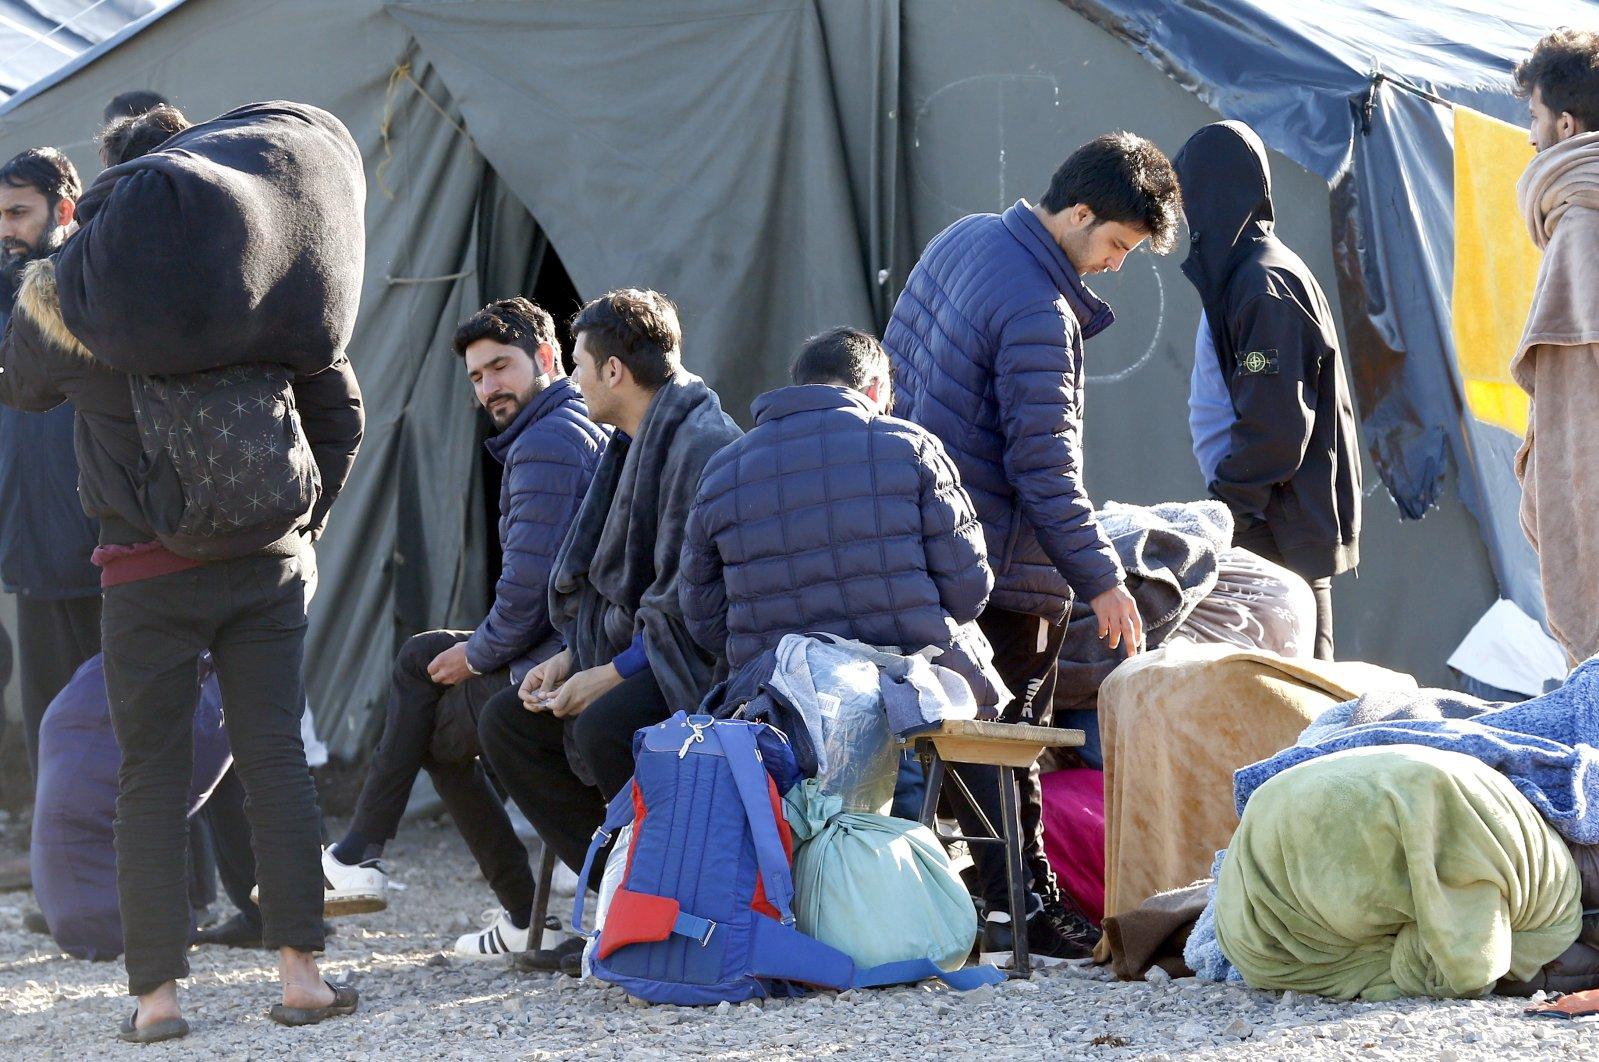 A group of migrants can be seen in Lipa camp in Bihac, Bosnia and Herzegovina, Feb. 18, 2021. (EPA Photo)